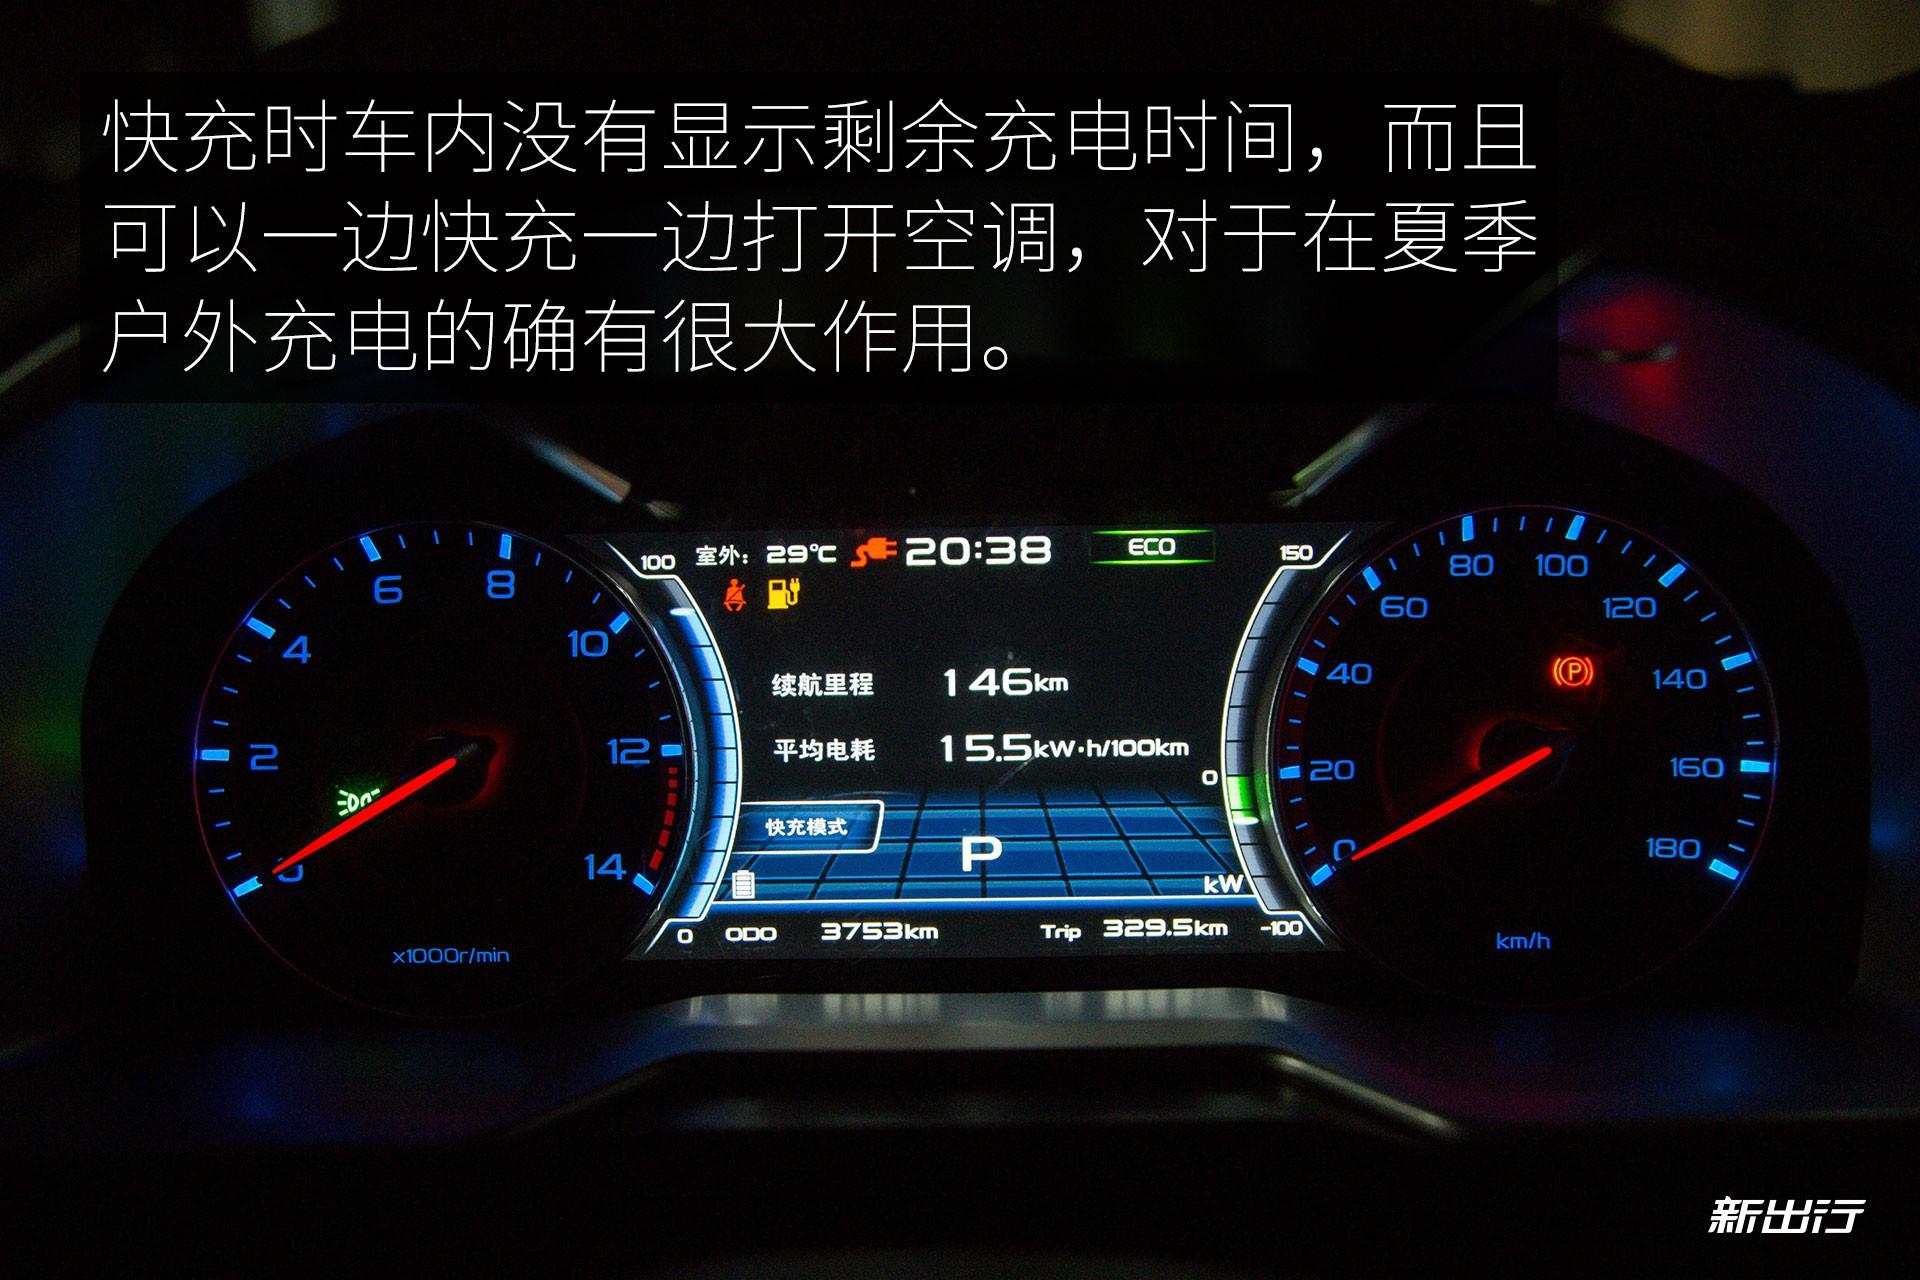 21-吉利帝豪EV300深度评测体验.jpg